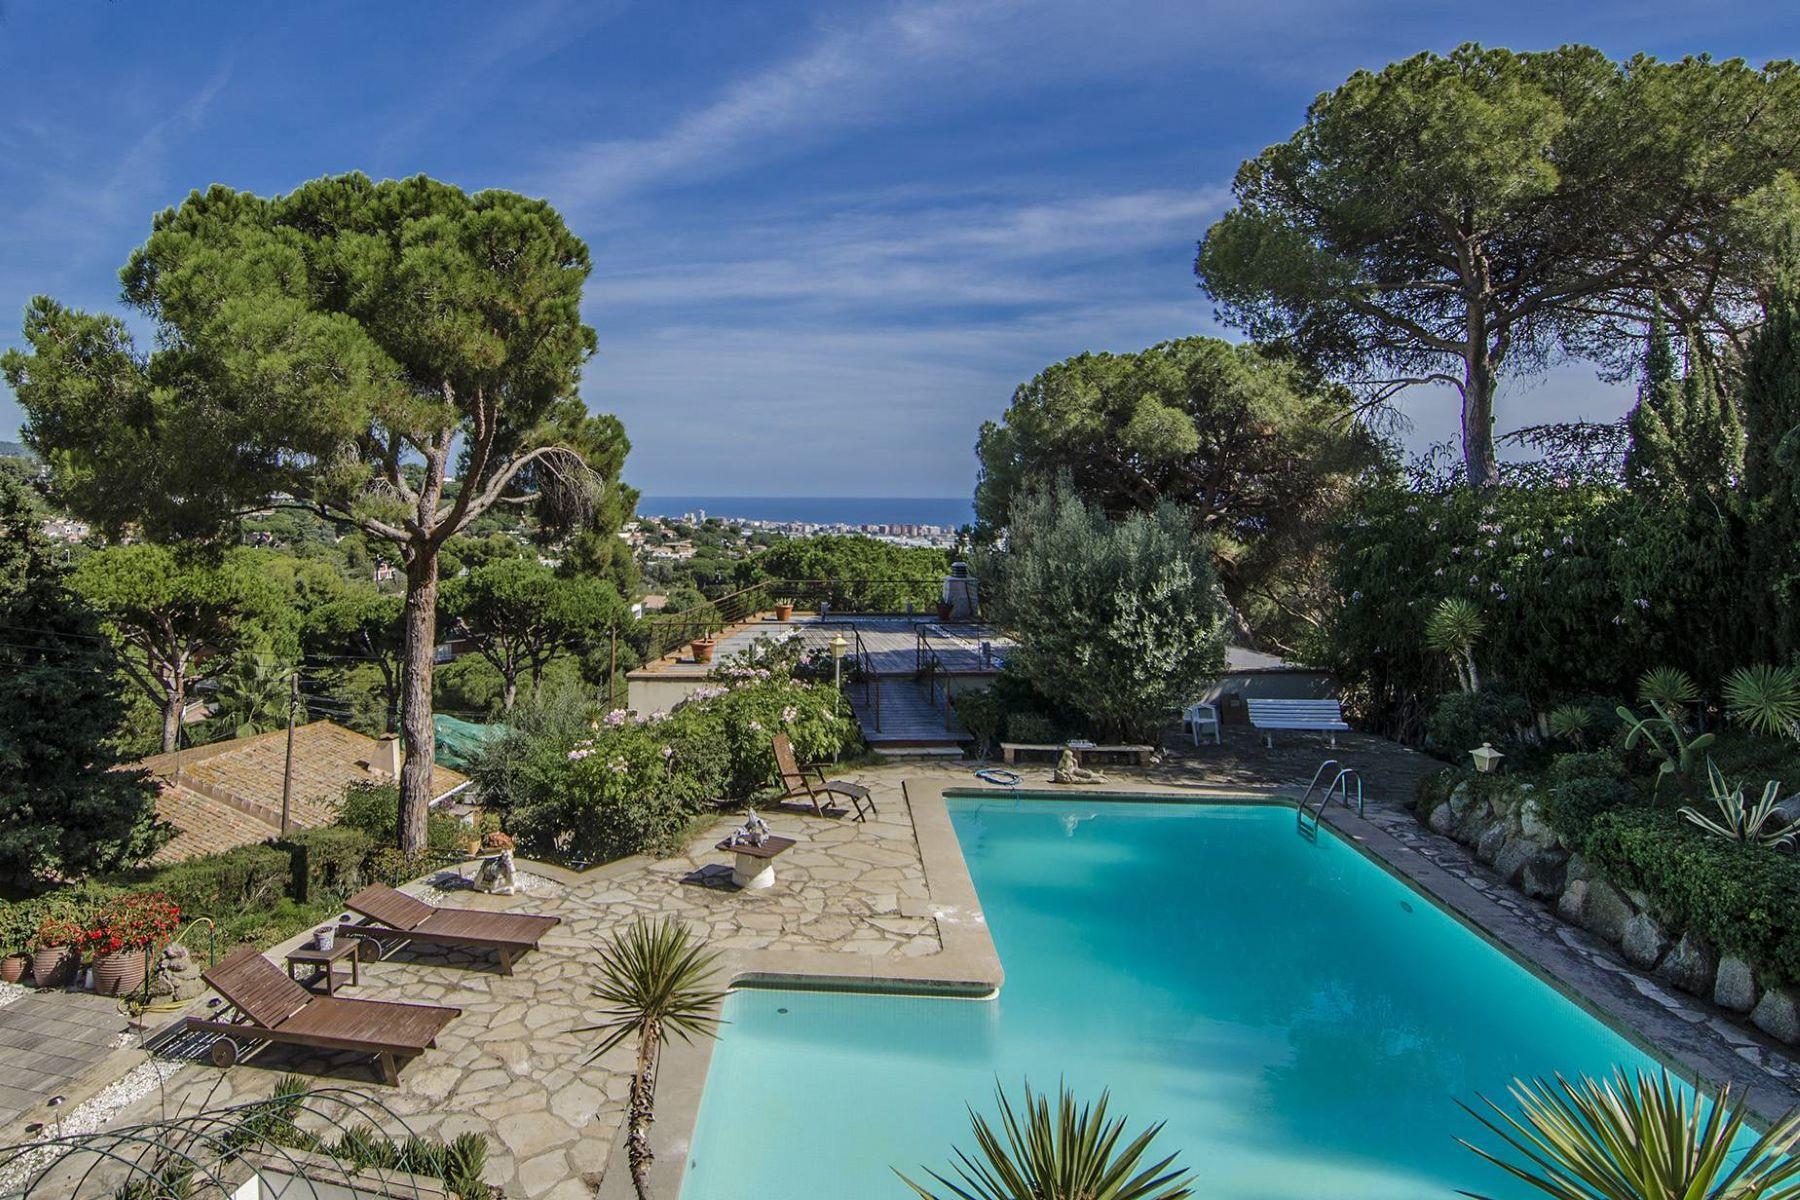 Частный односемейный дом для того Продажа на Classic house with amazing views over the Mediterranean Vilassar De Mar, Barcelona, 08340 Испания